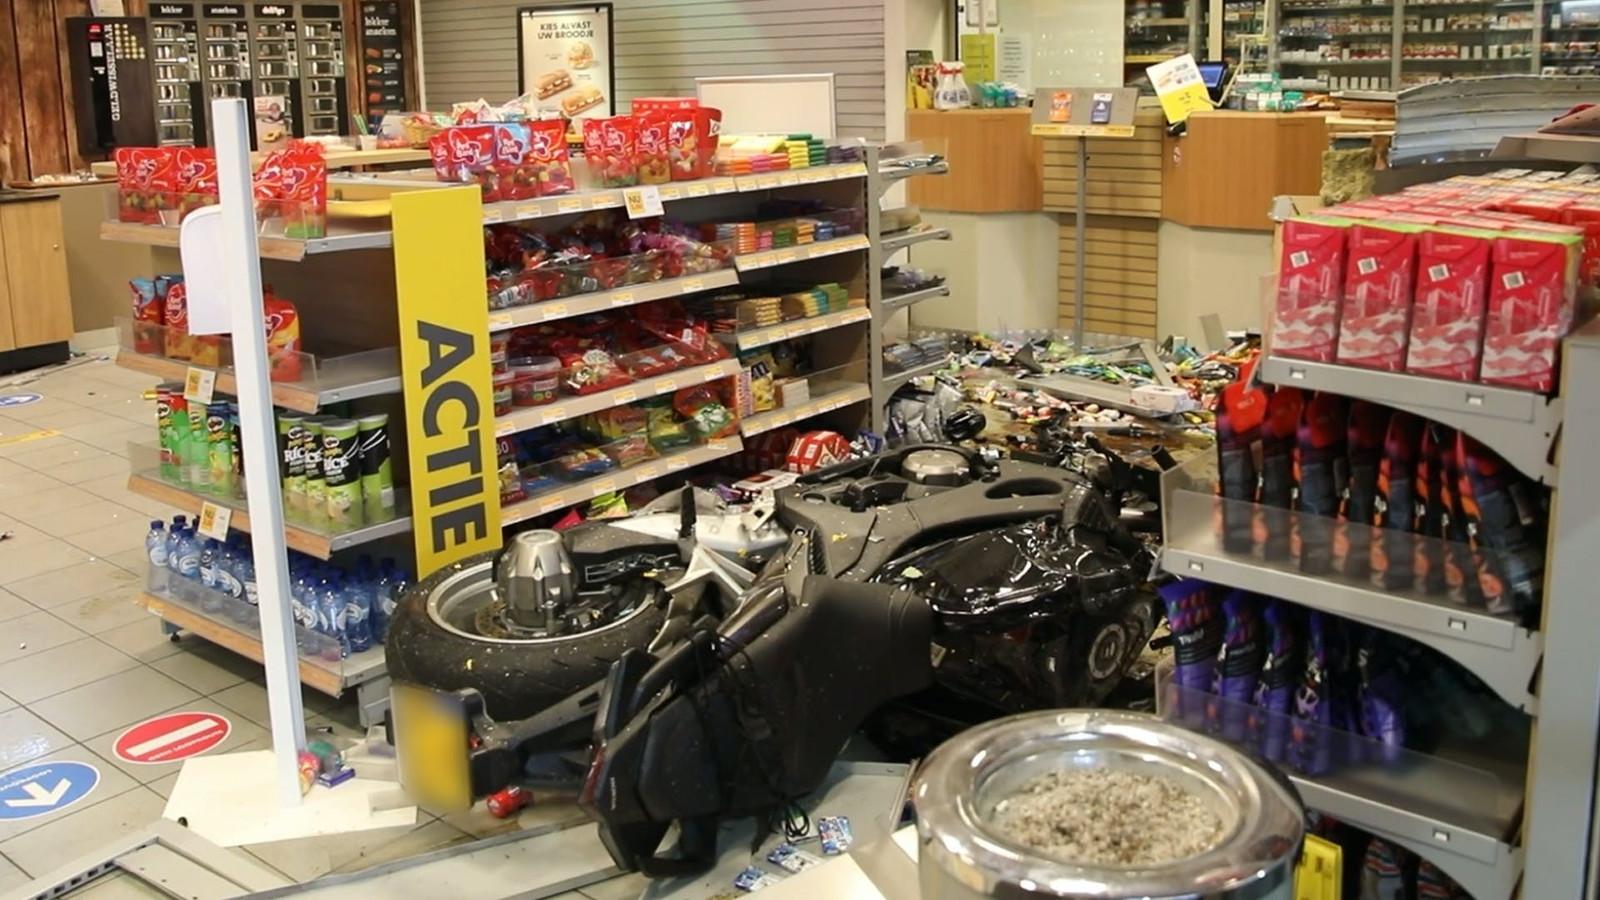 De motor van de Huissenaar waarmee hij een tankstation in Elst binnenreed.